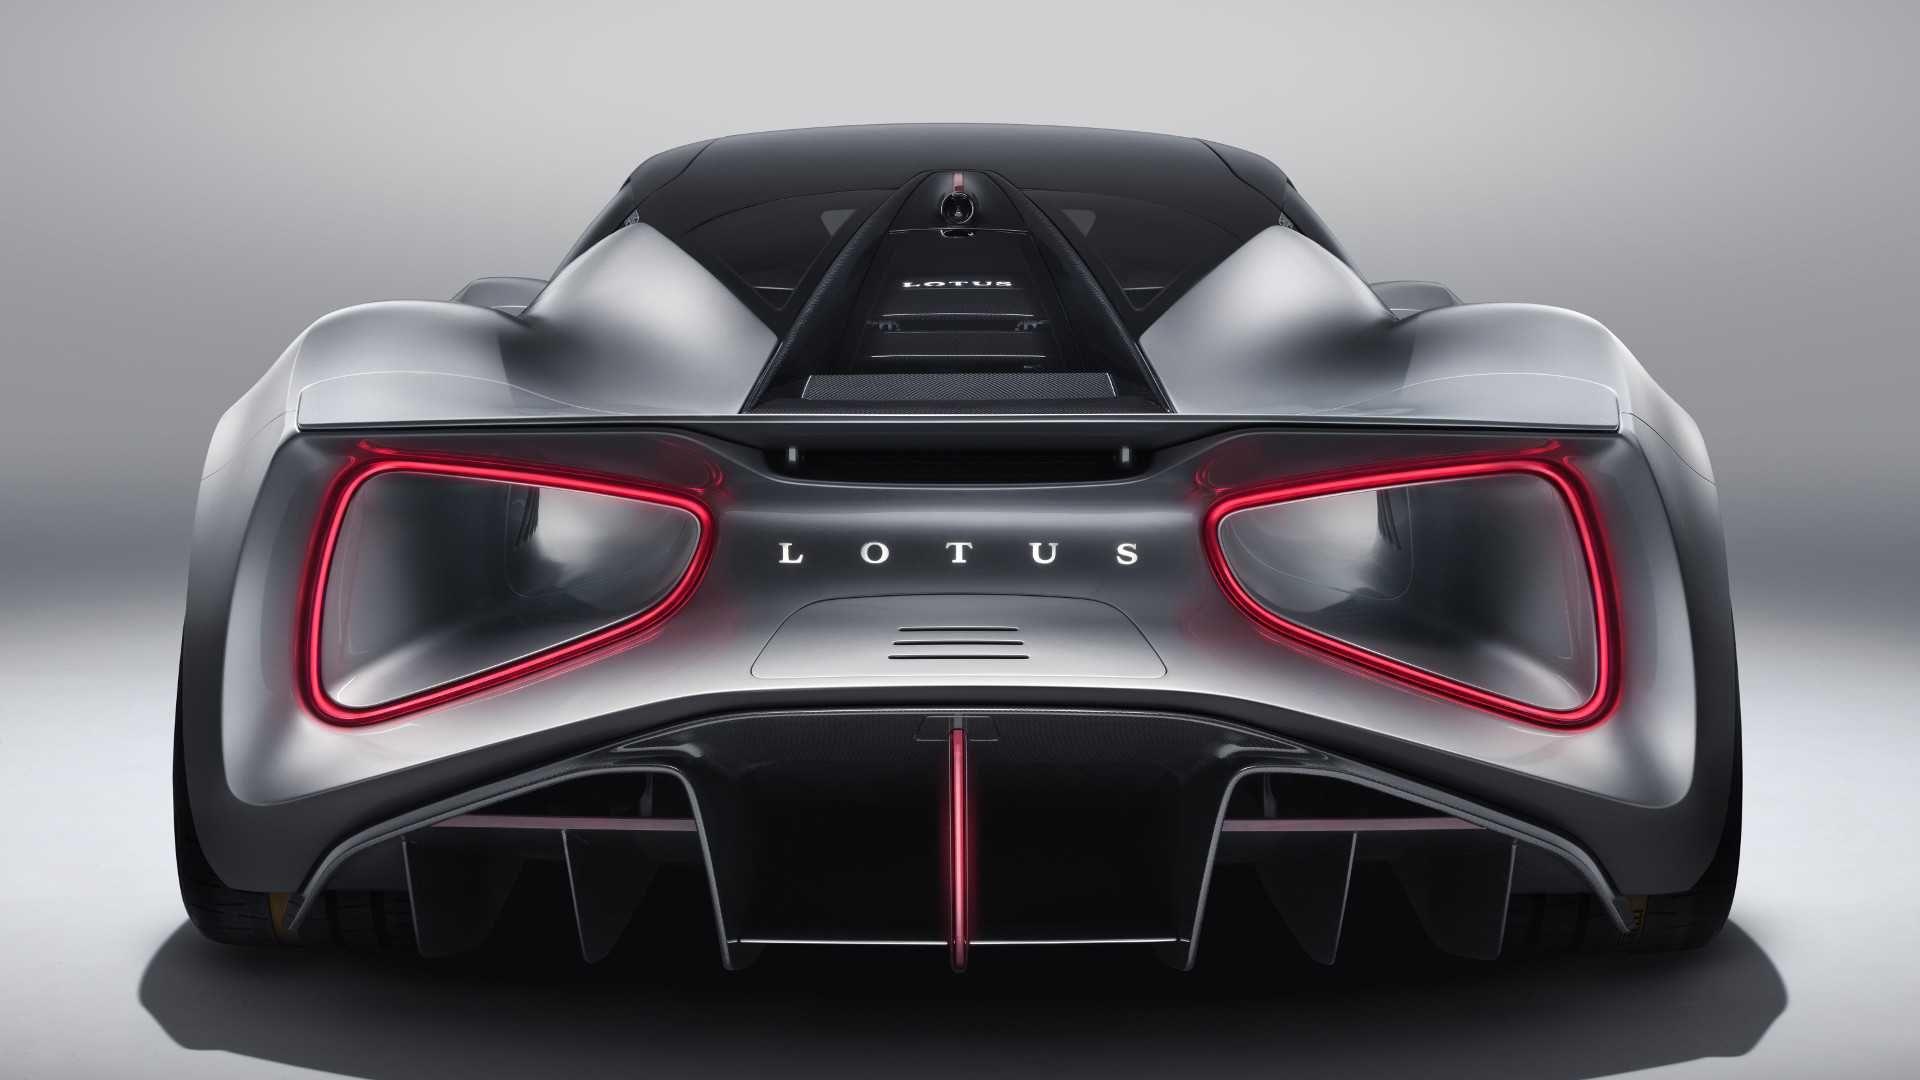 Lotus Evija Insane New Electric Supercar With 2 000 Hp Lotus Car Super Cars New Lotus